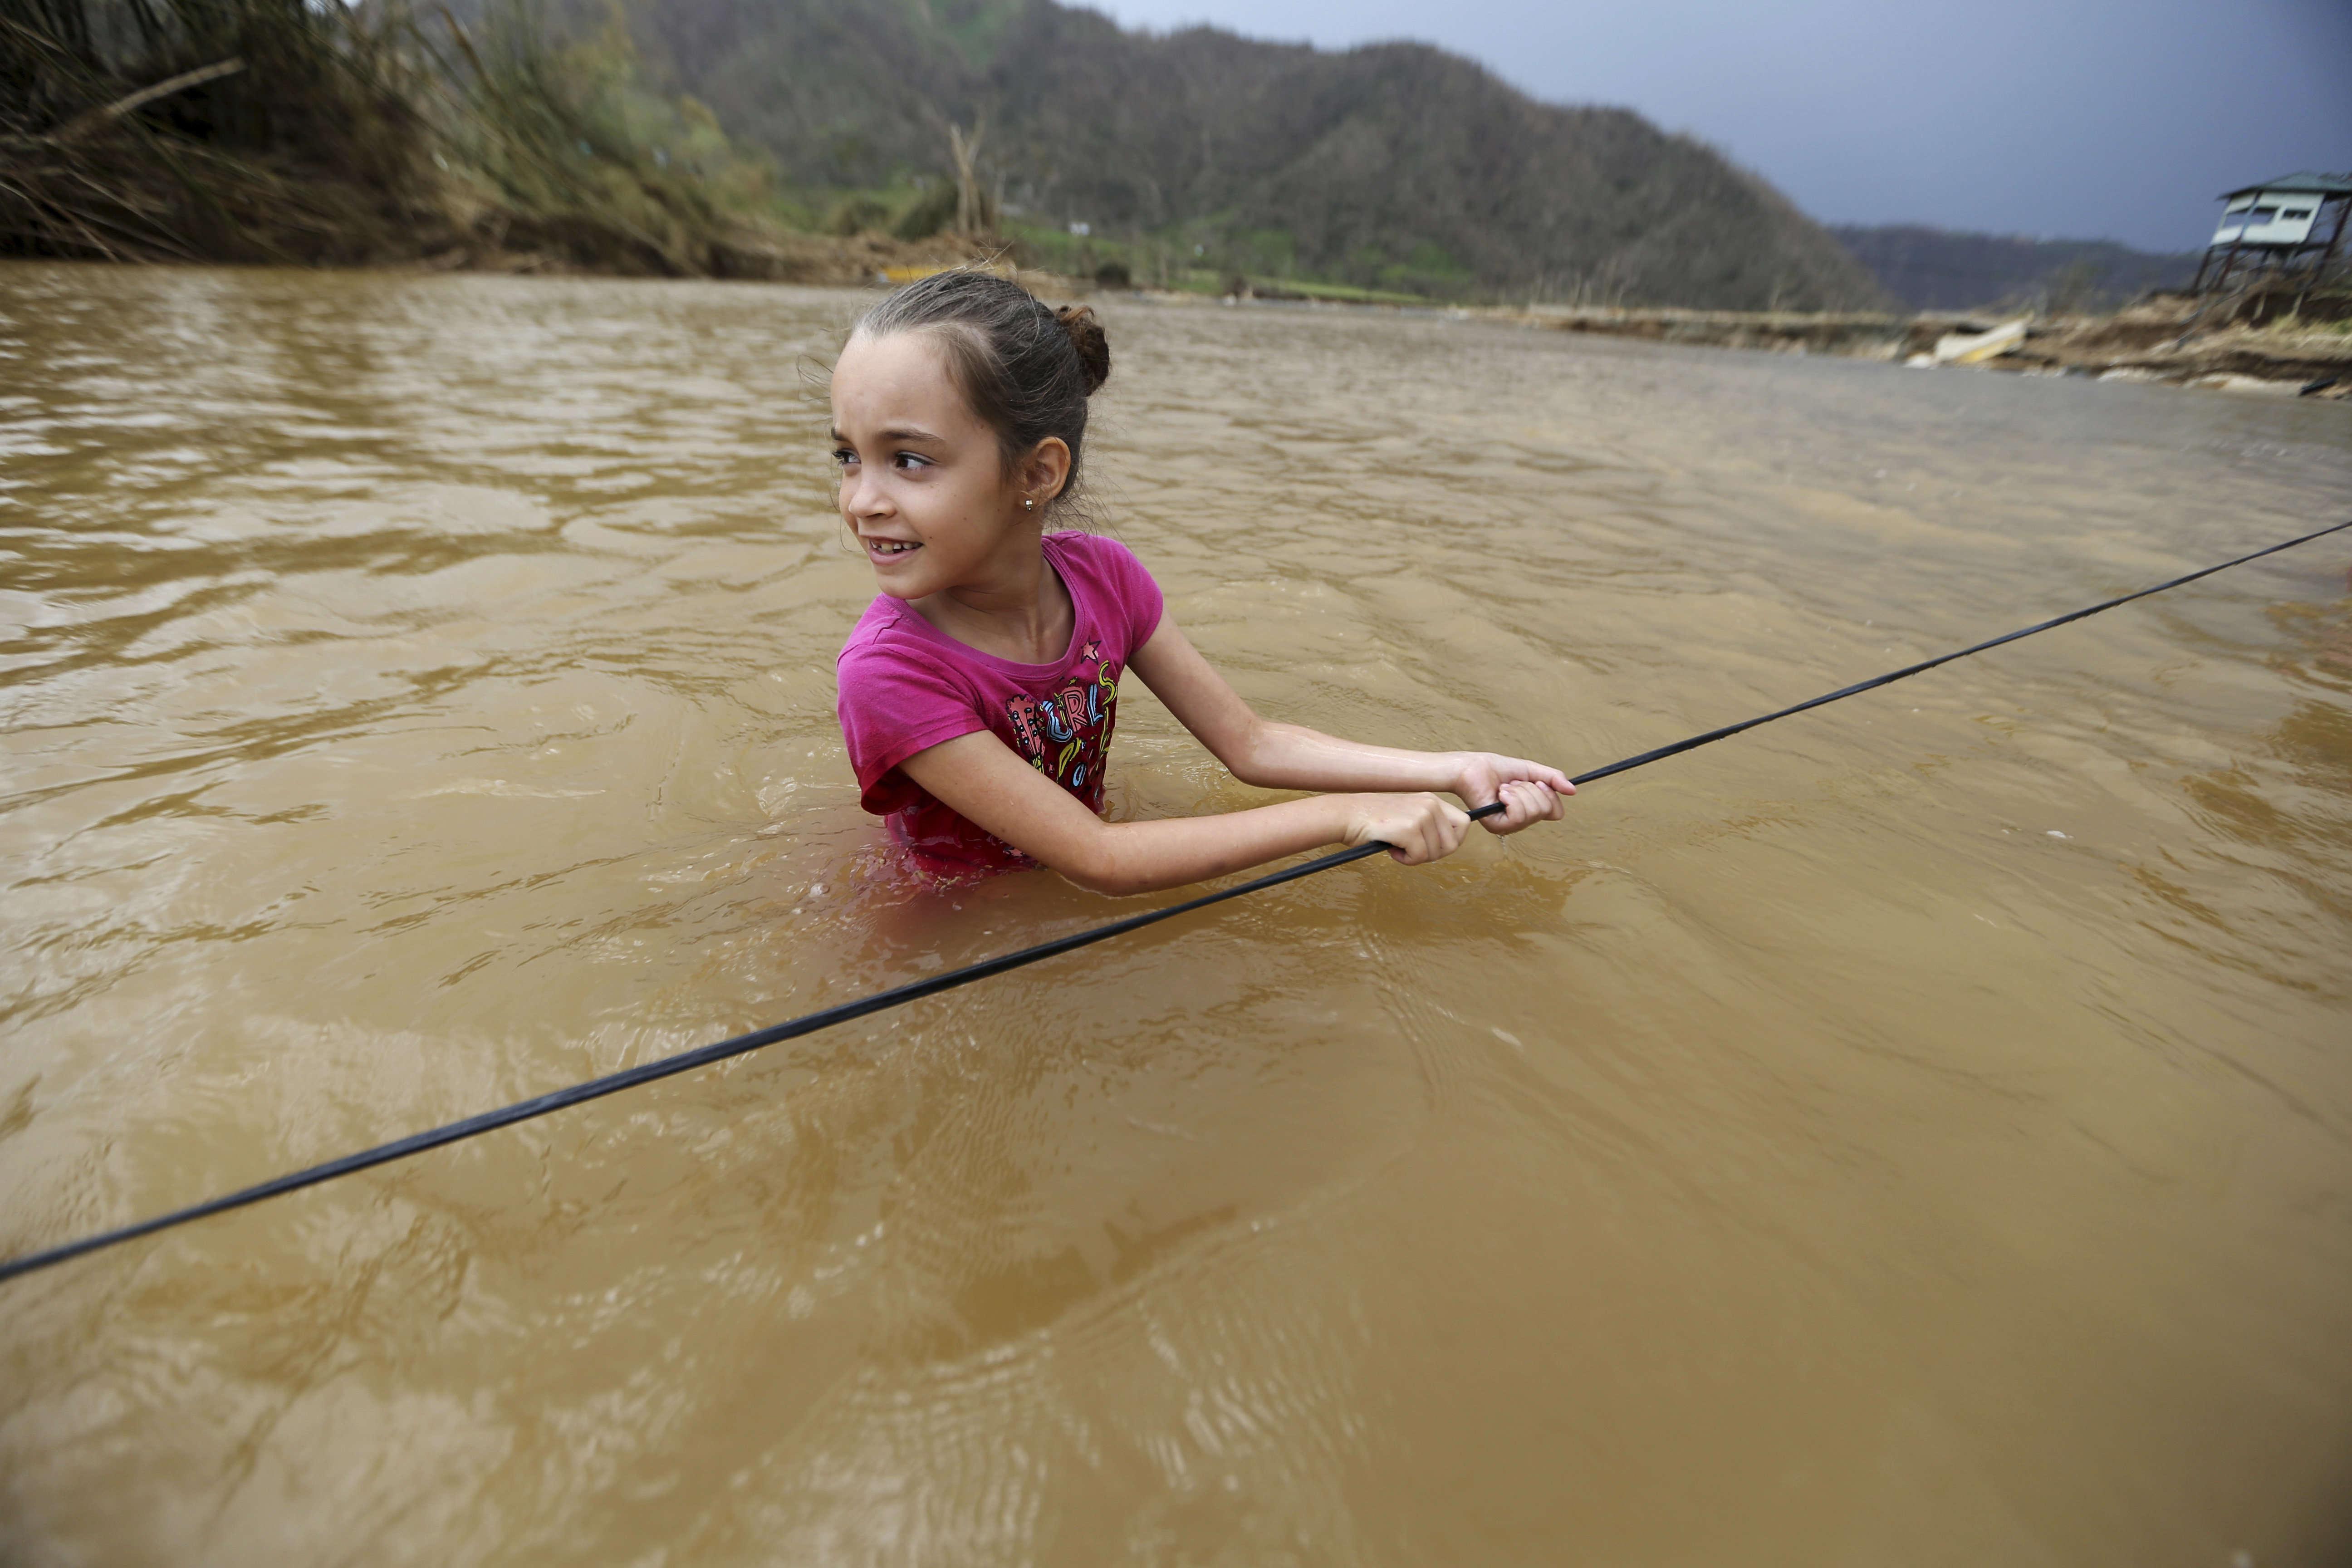 Ruby Rodriguez, 8ans, regarde sa mère alors qu'elle traverse la rivière SanLorenzo (municipalité de Morovis). Le pont a été balayé par l'ouragan Maria.